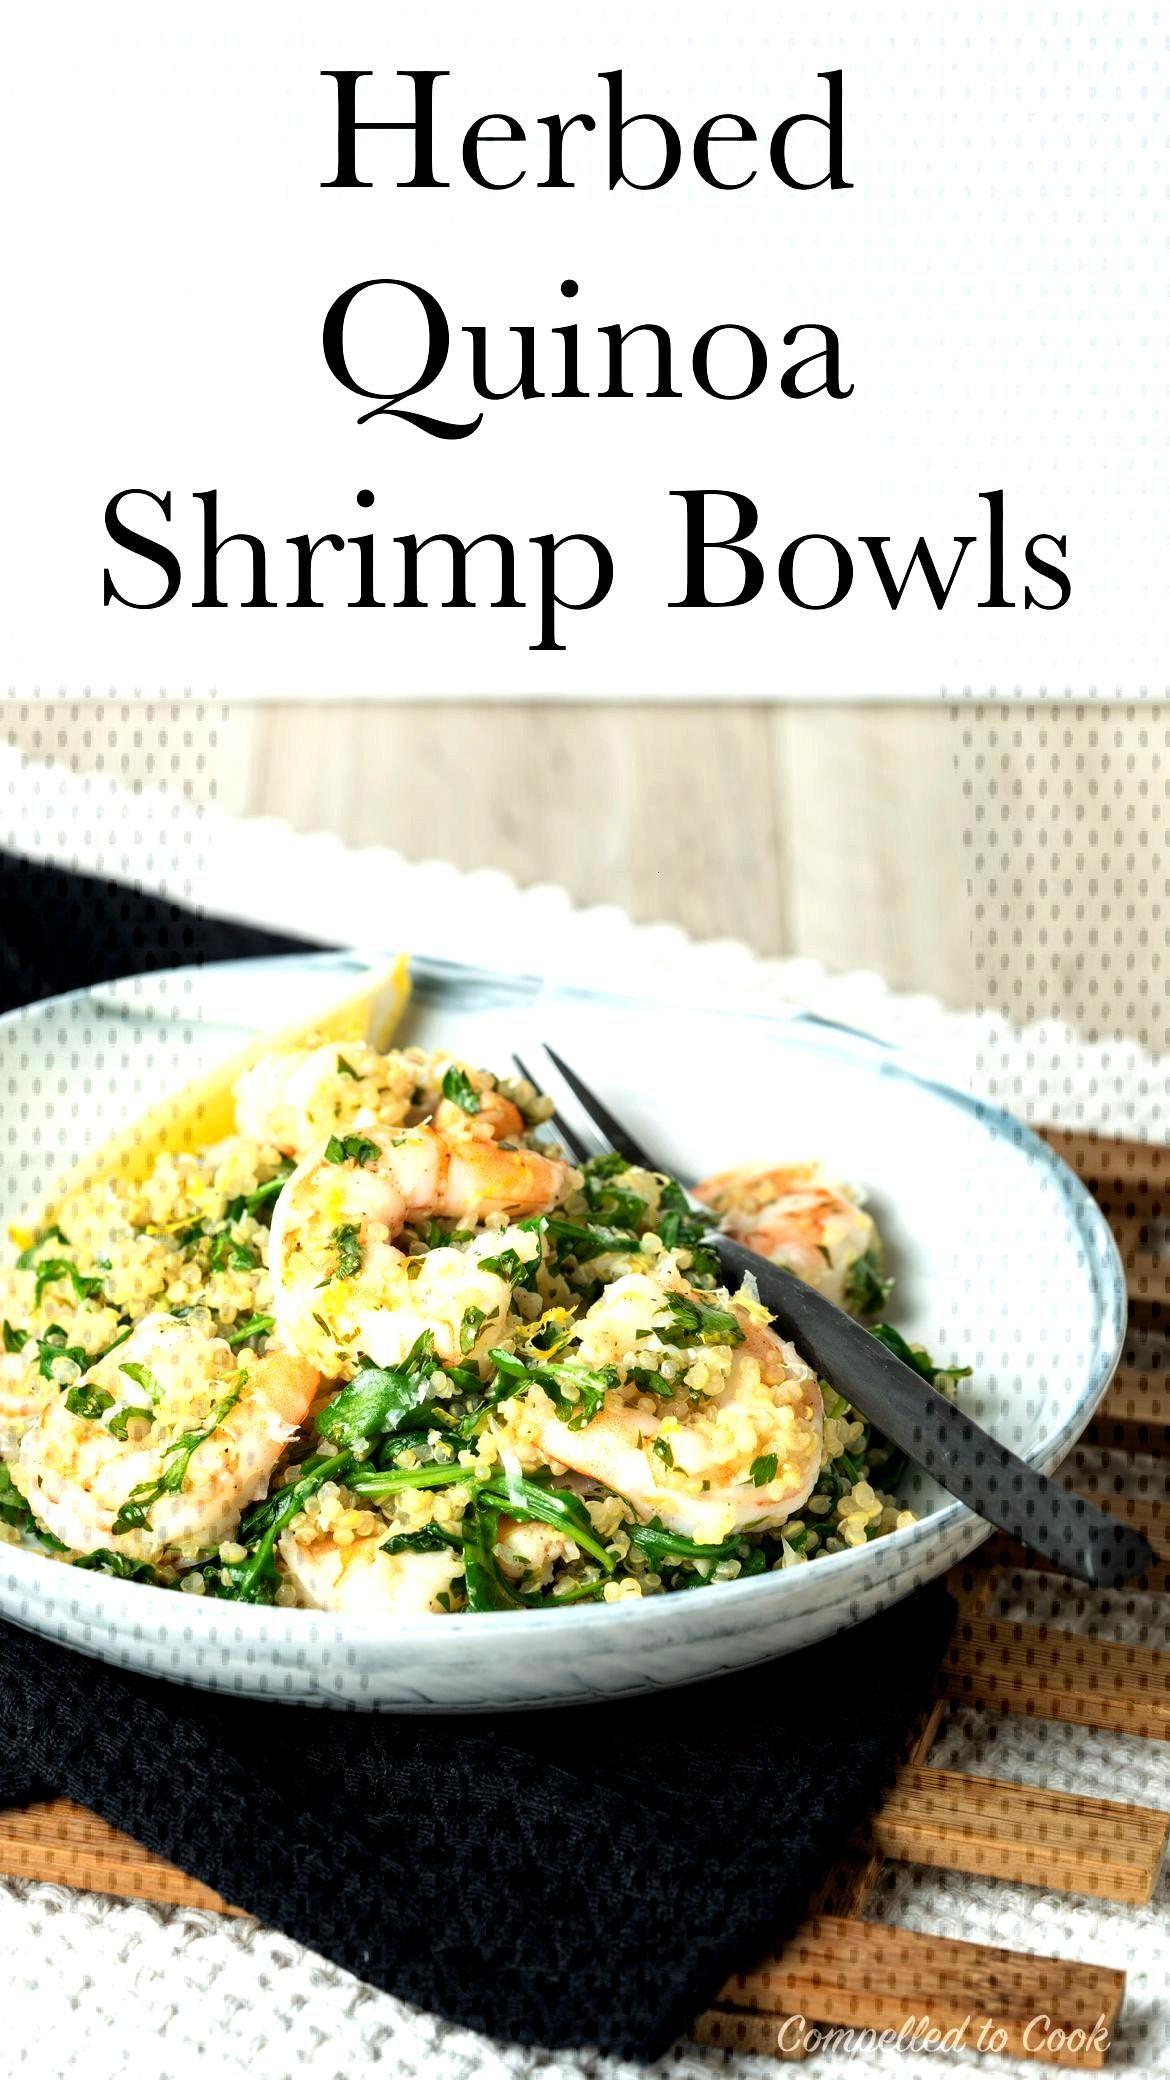 Herbed Quinoa Shrimp Bowls Got a New Year's resolution to eat better? Herbed Quinoa Shrimp Bowls